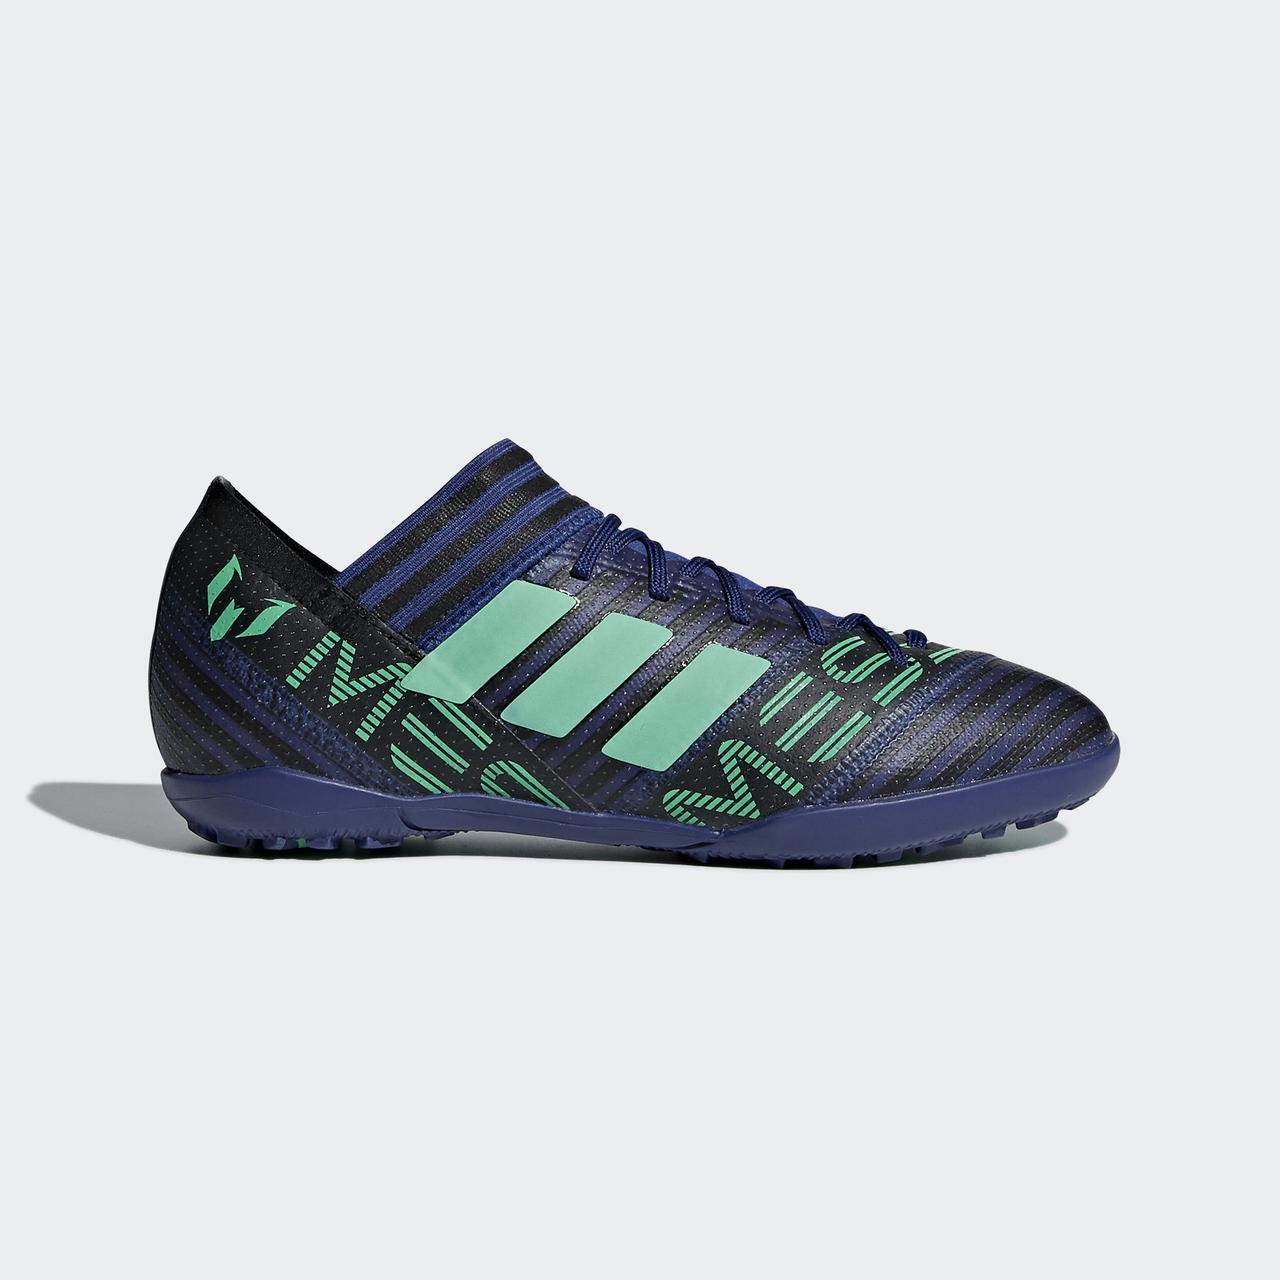 Сороконожки Adidas Nemeziz Messi Tango 17.3 TF CP9201 (Оригинал)